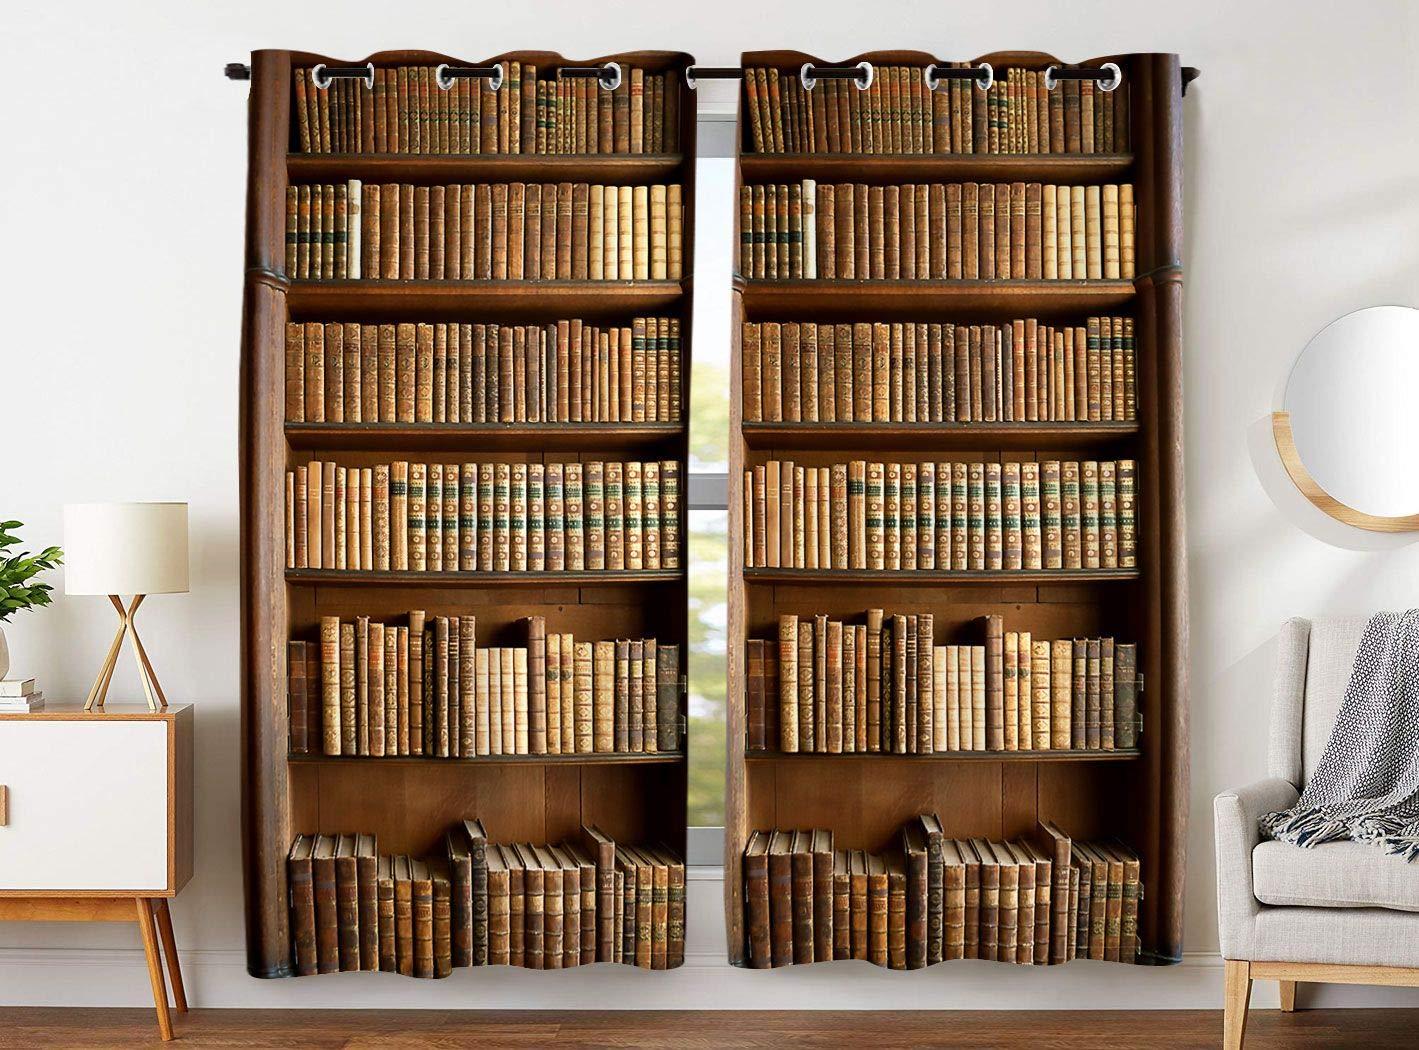 YISUMEI - Gardinen Blickdichter - Bücherregal Bücher,245 x 140 cm 2er Set Vorhang Verdunkelung mit Ösen für Schlafzimmer Wohnzimmer